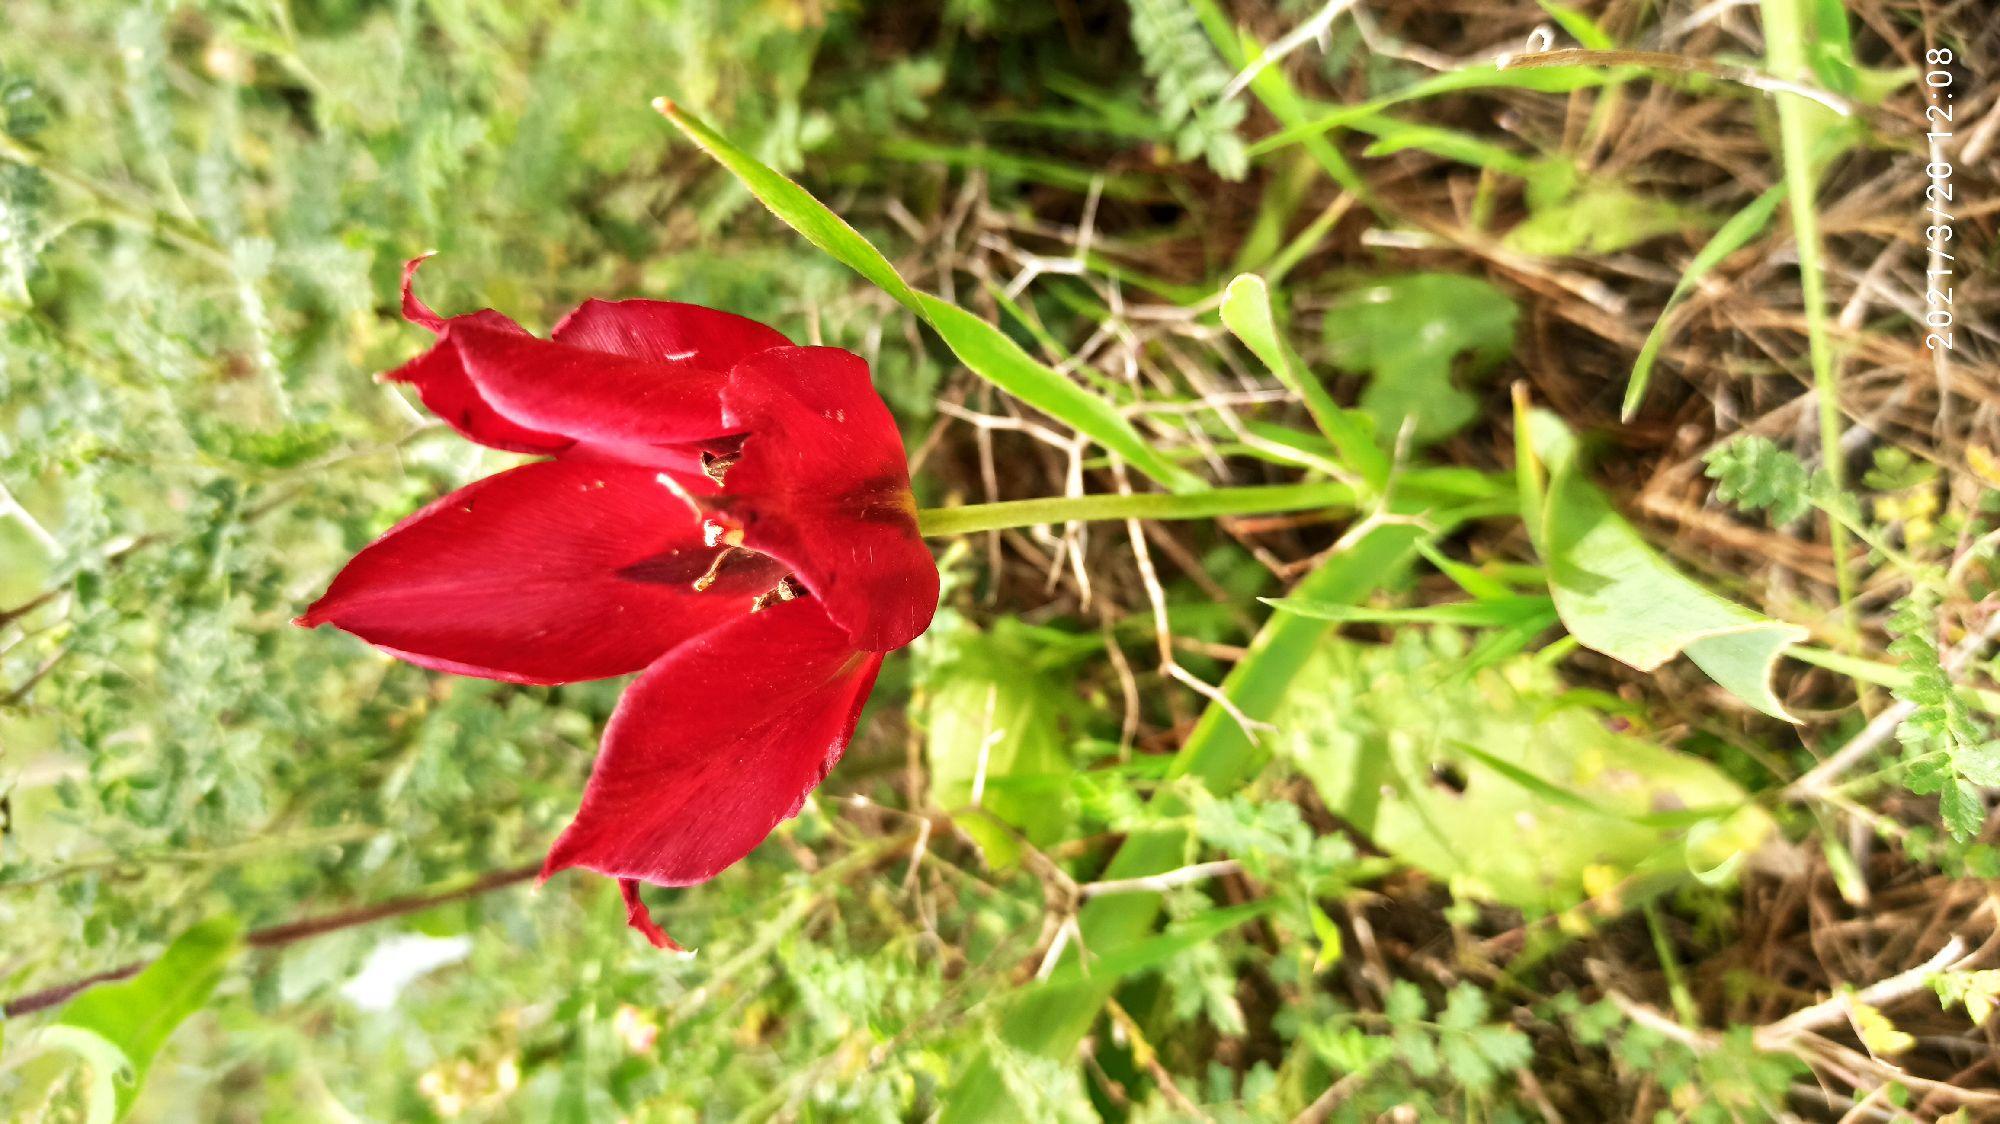 Поехали смотреть на цветение диких тюльпанов, но не успели. Похоже, что они уже отцвели, и мы увидели несколько из последних.